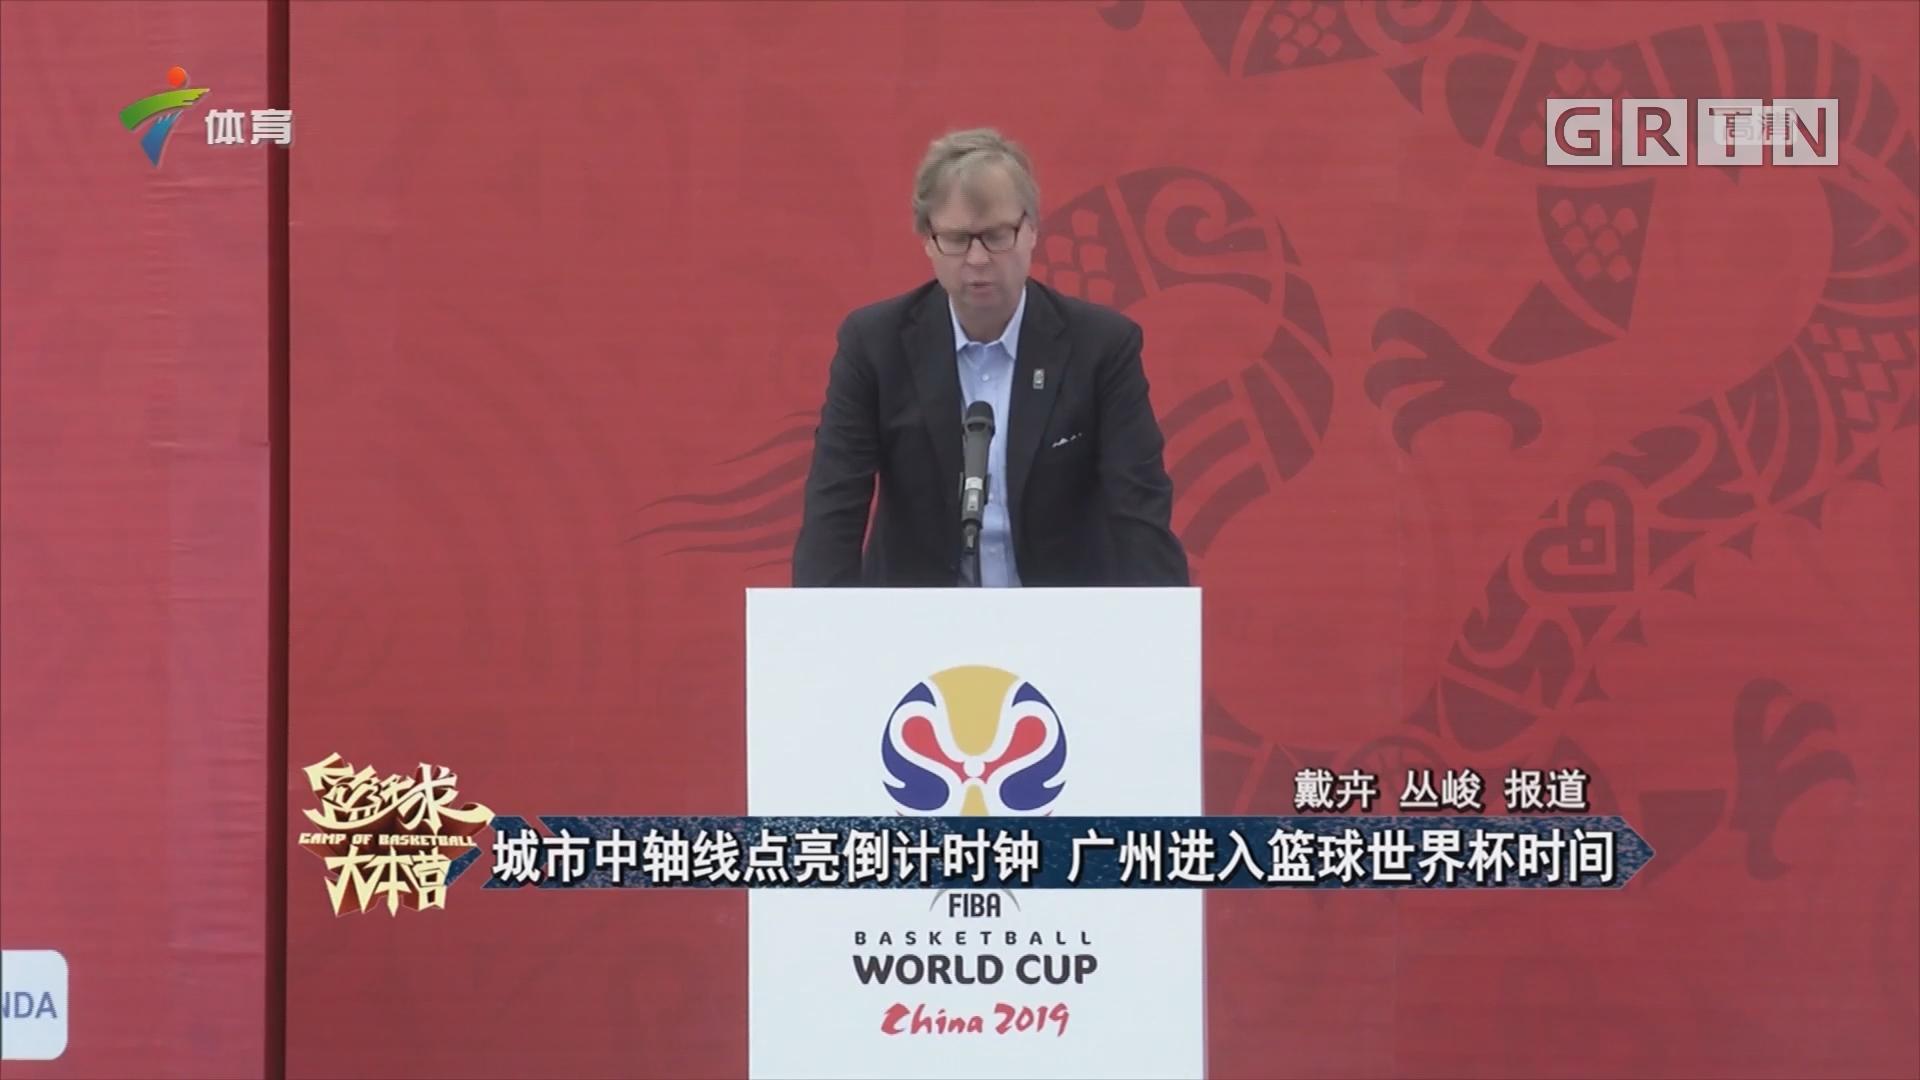 城市中轴线点亮倒计时钟 广州进入篮球世界杯时间